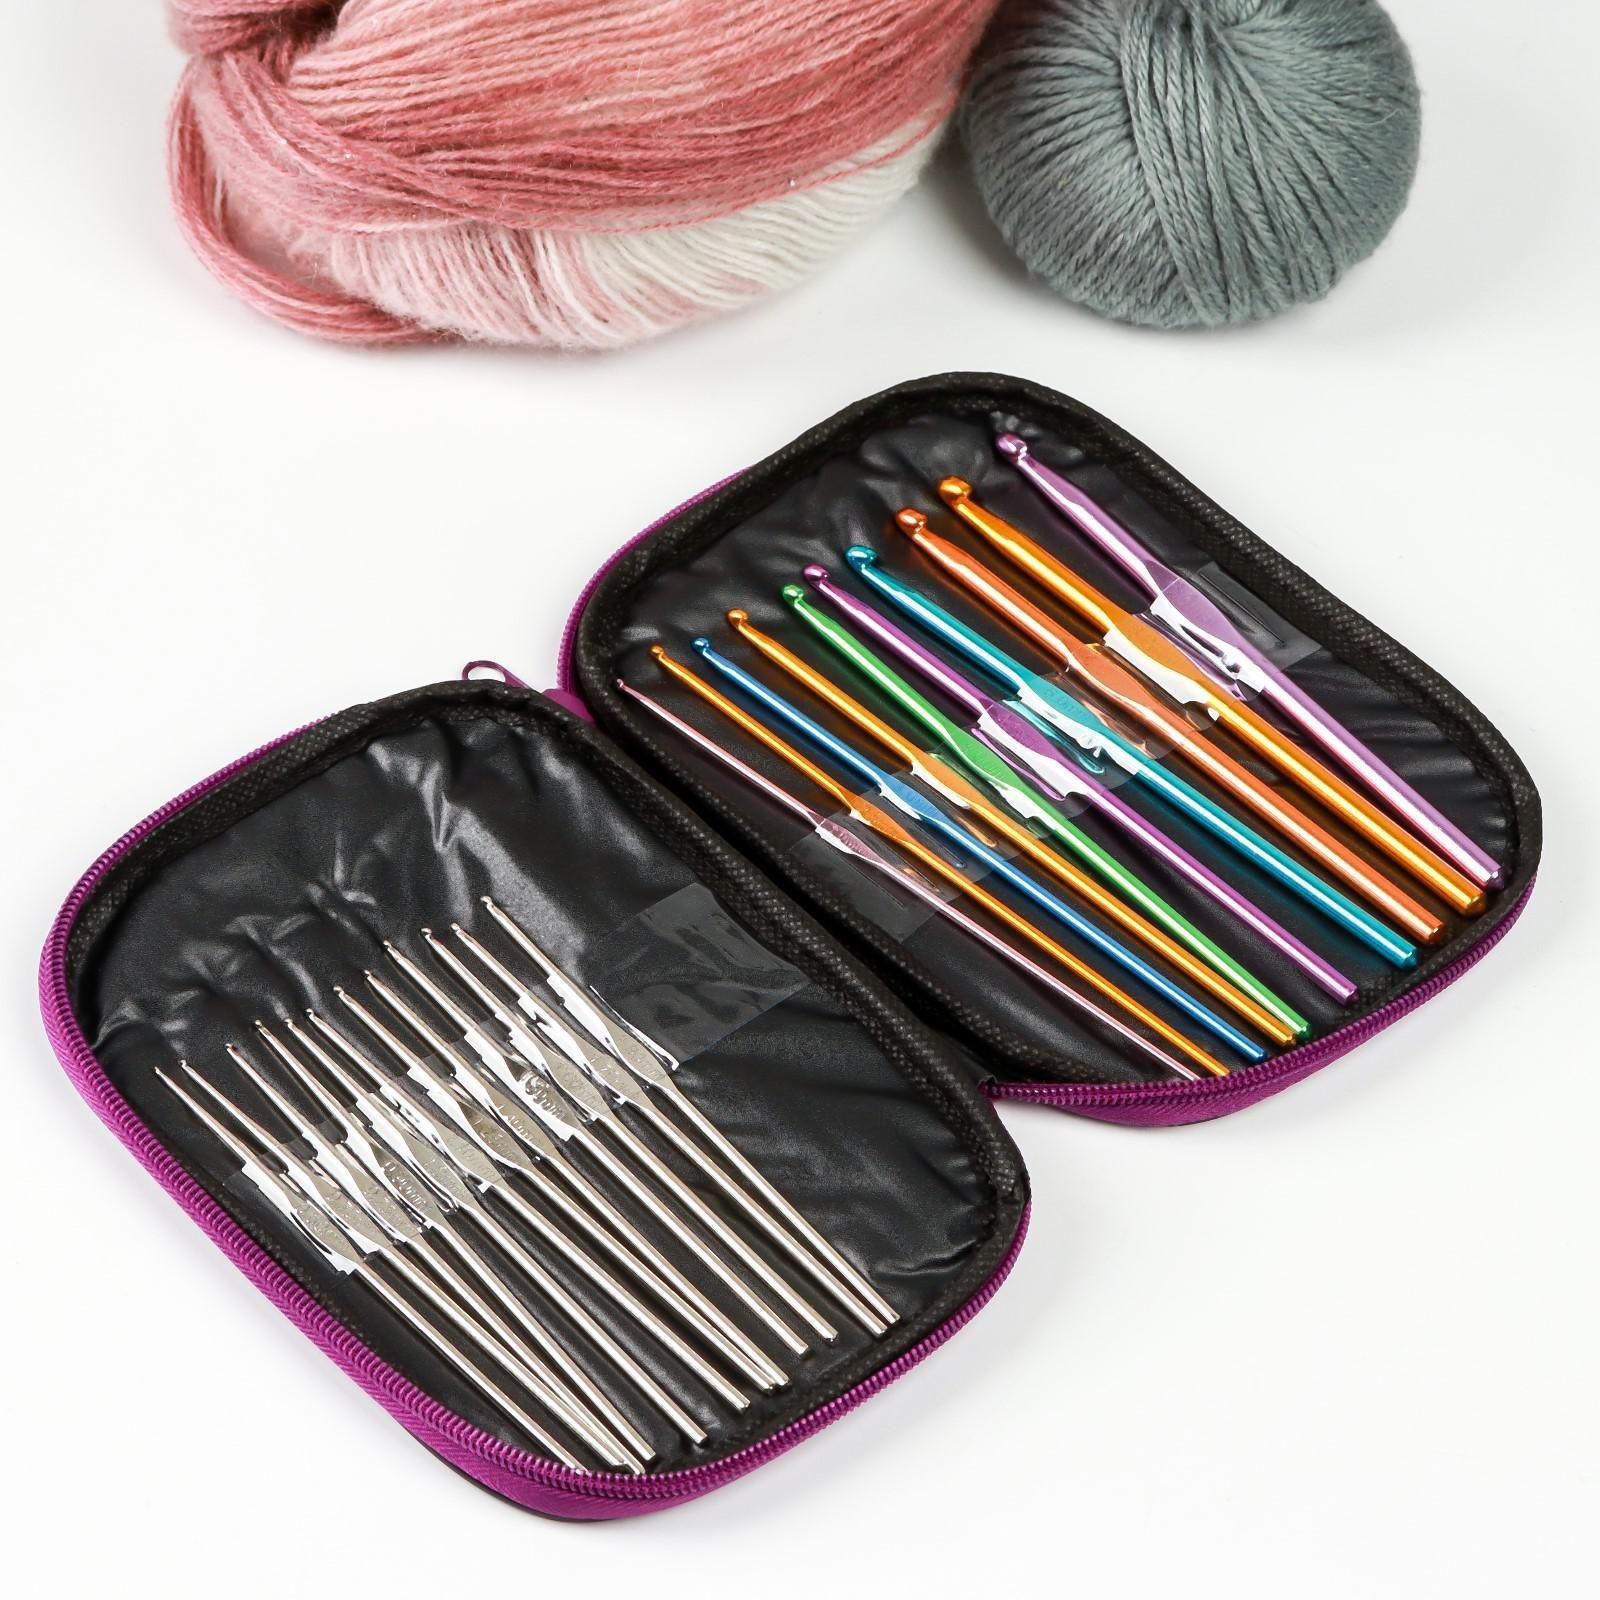 набор крючков для вязания D 06 65 мм 1318 см 22 шт цвет